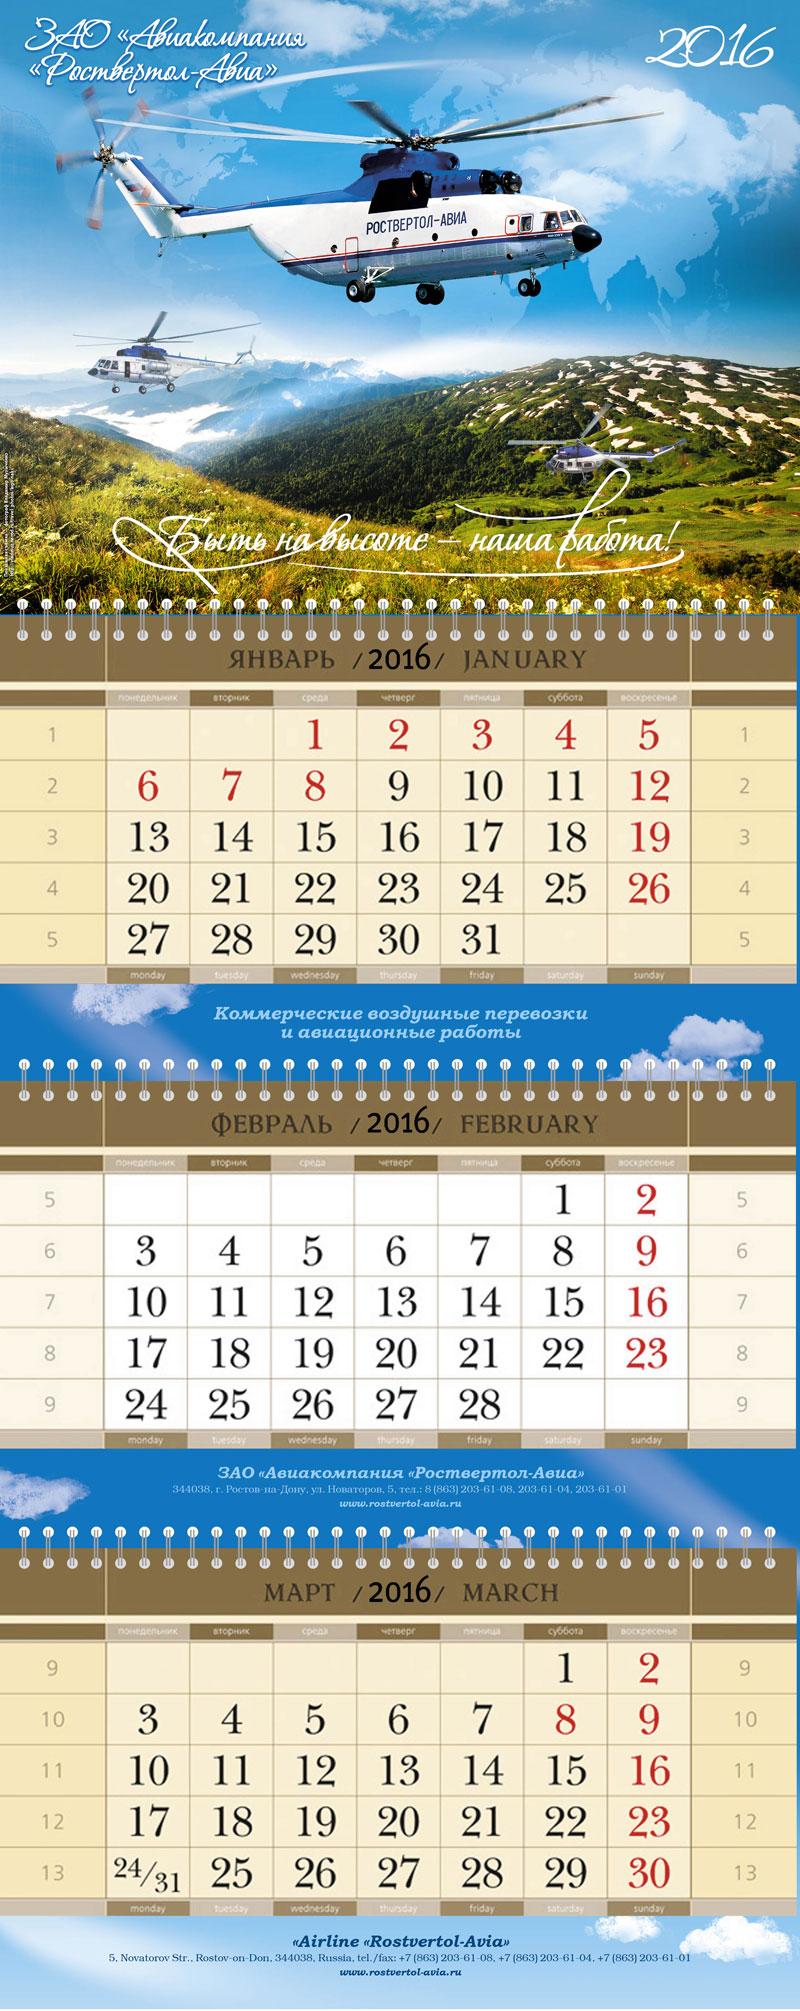 Фото в календаре ЗАО «Авиакомпании «Роствертол-Авиа»